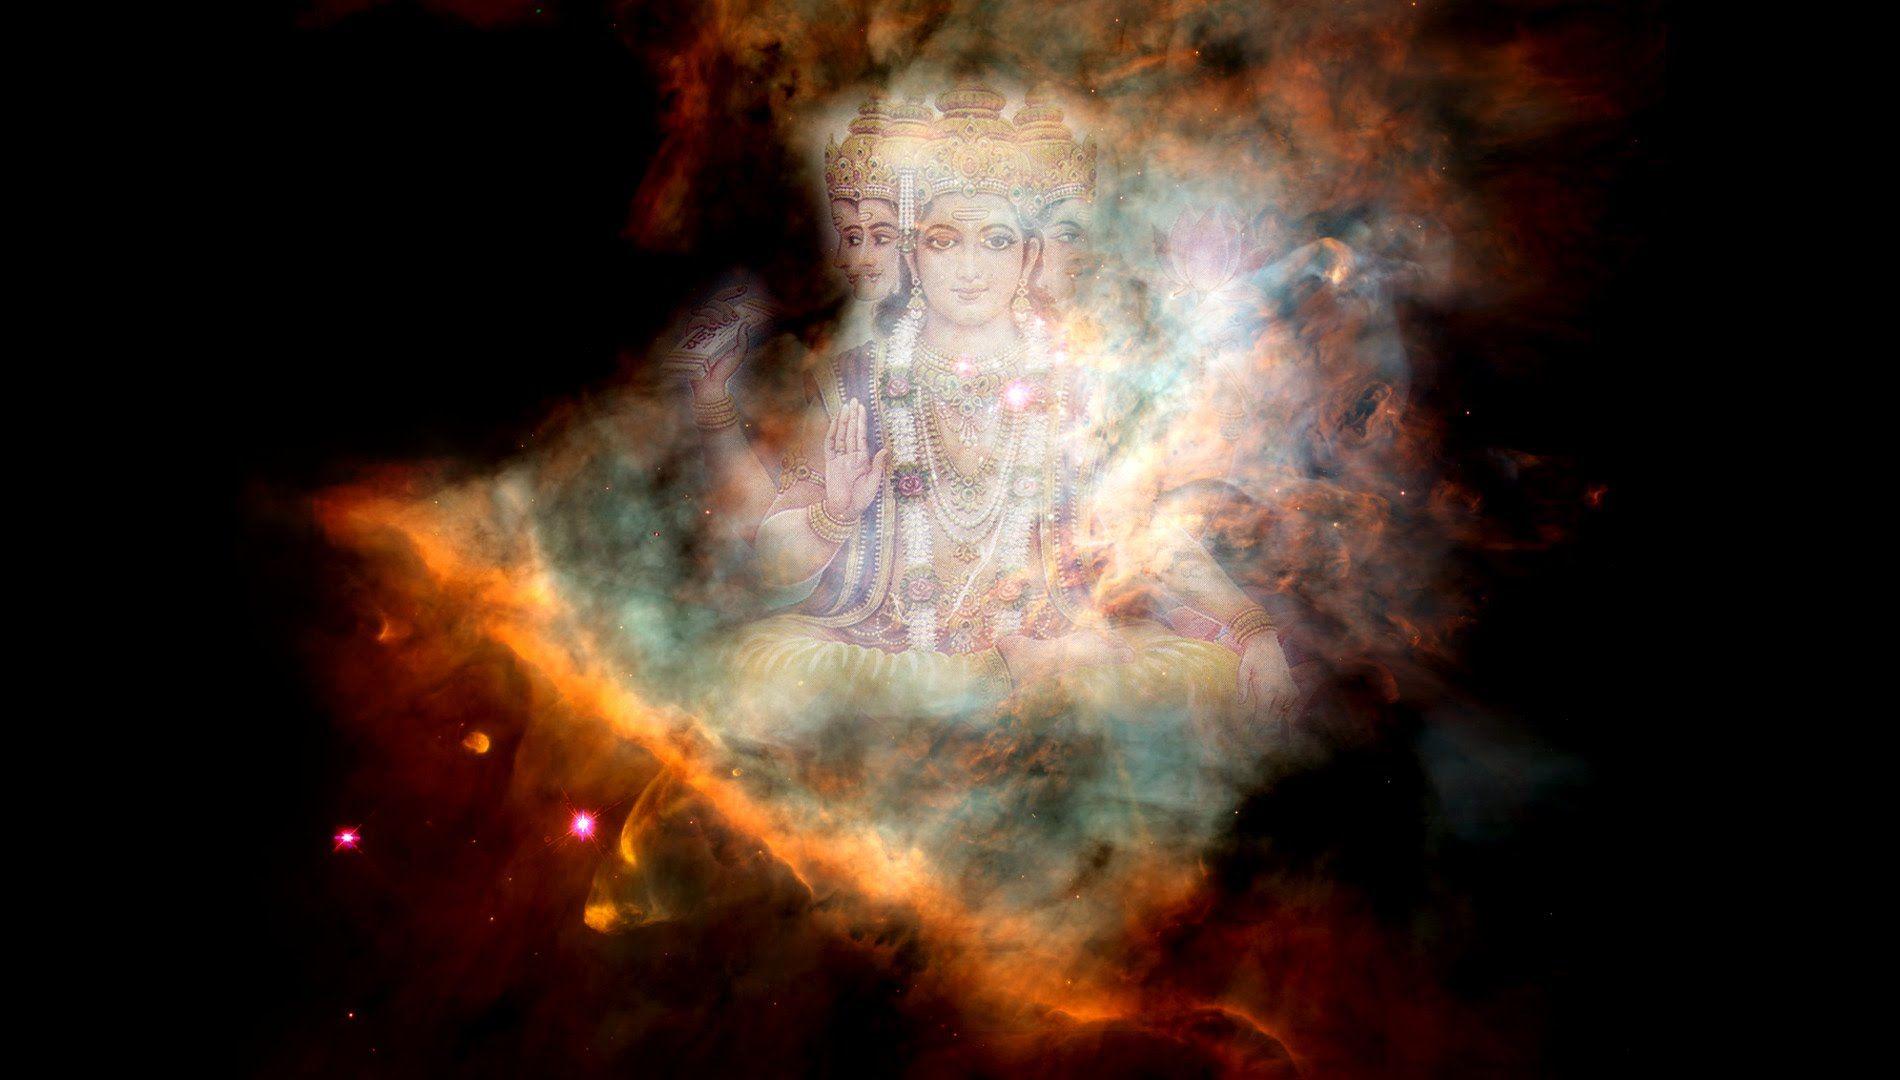 Danny Wilten - The Nebula In Vedic Cosmology (2/2)